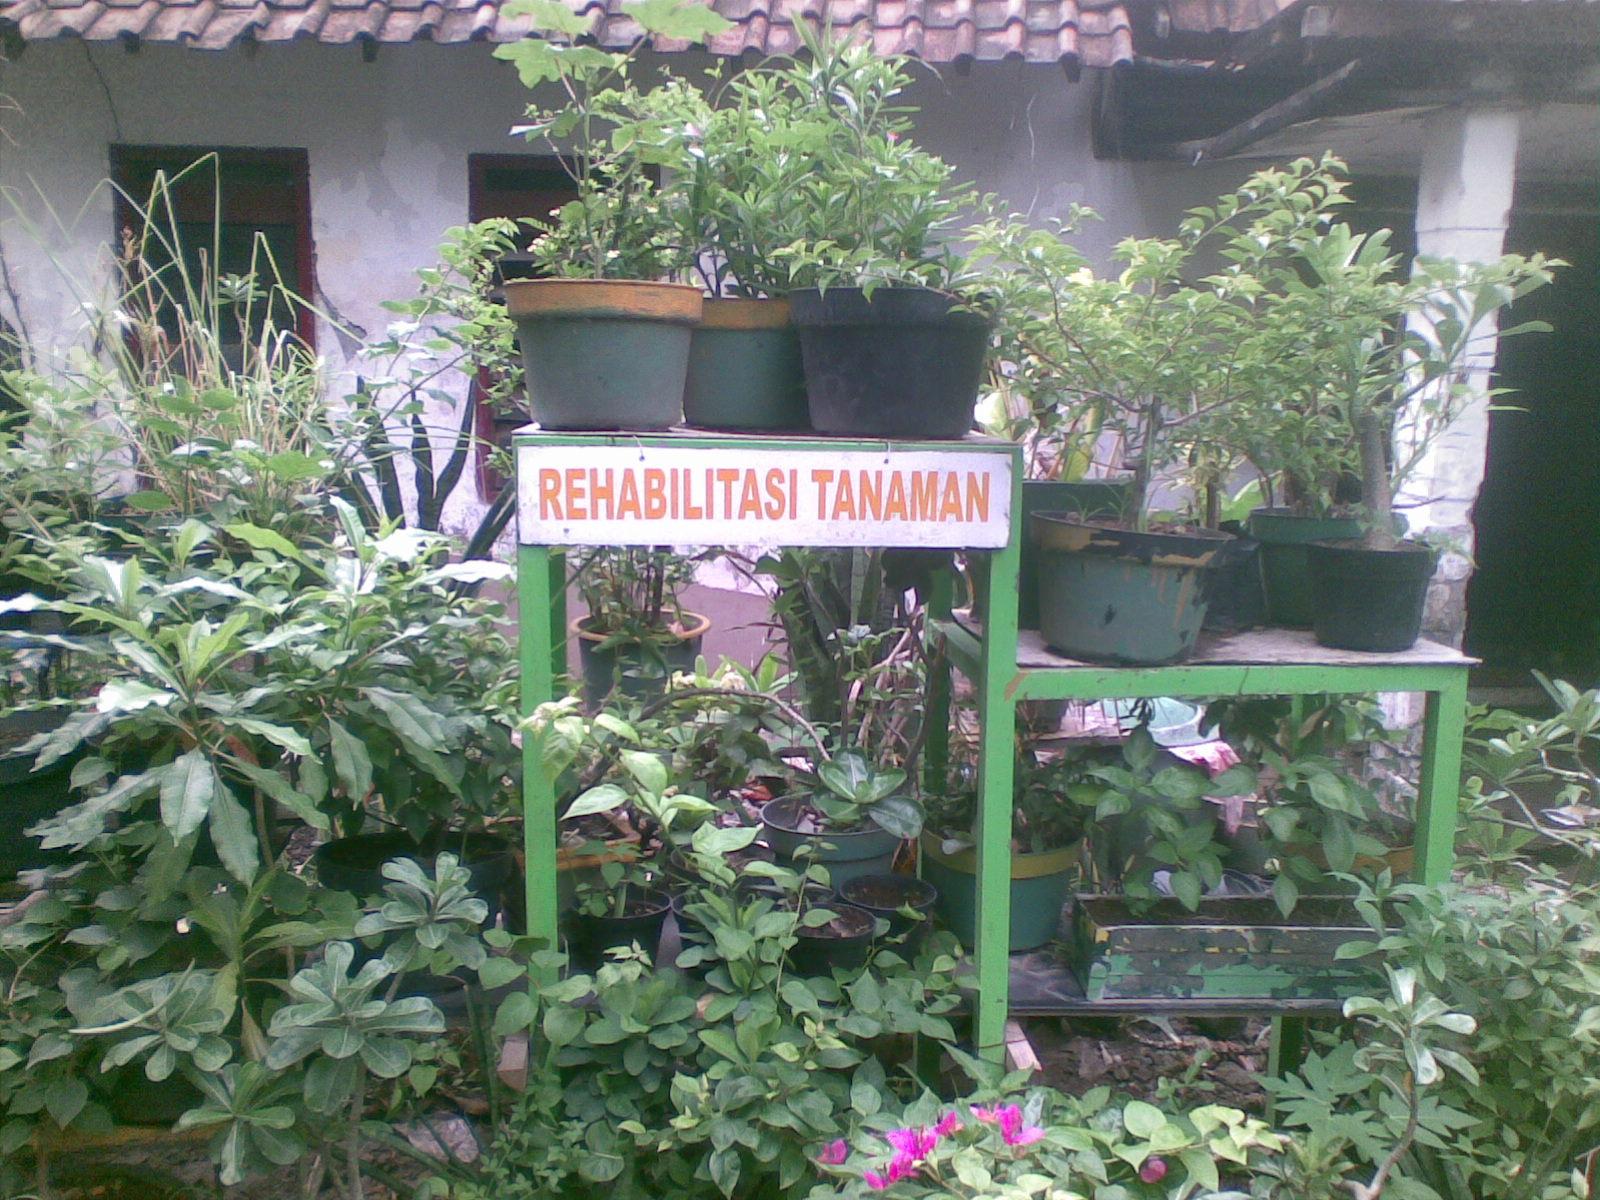 jambangan kung wisata ramah lingkungan wahw33d